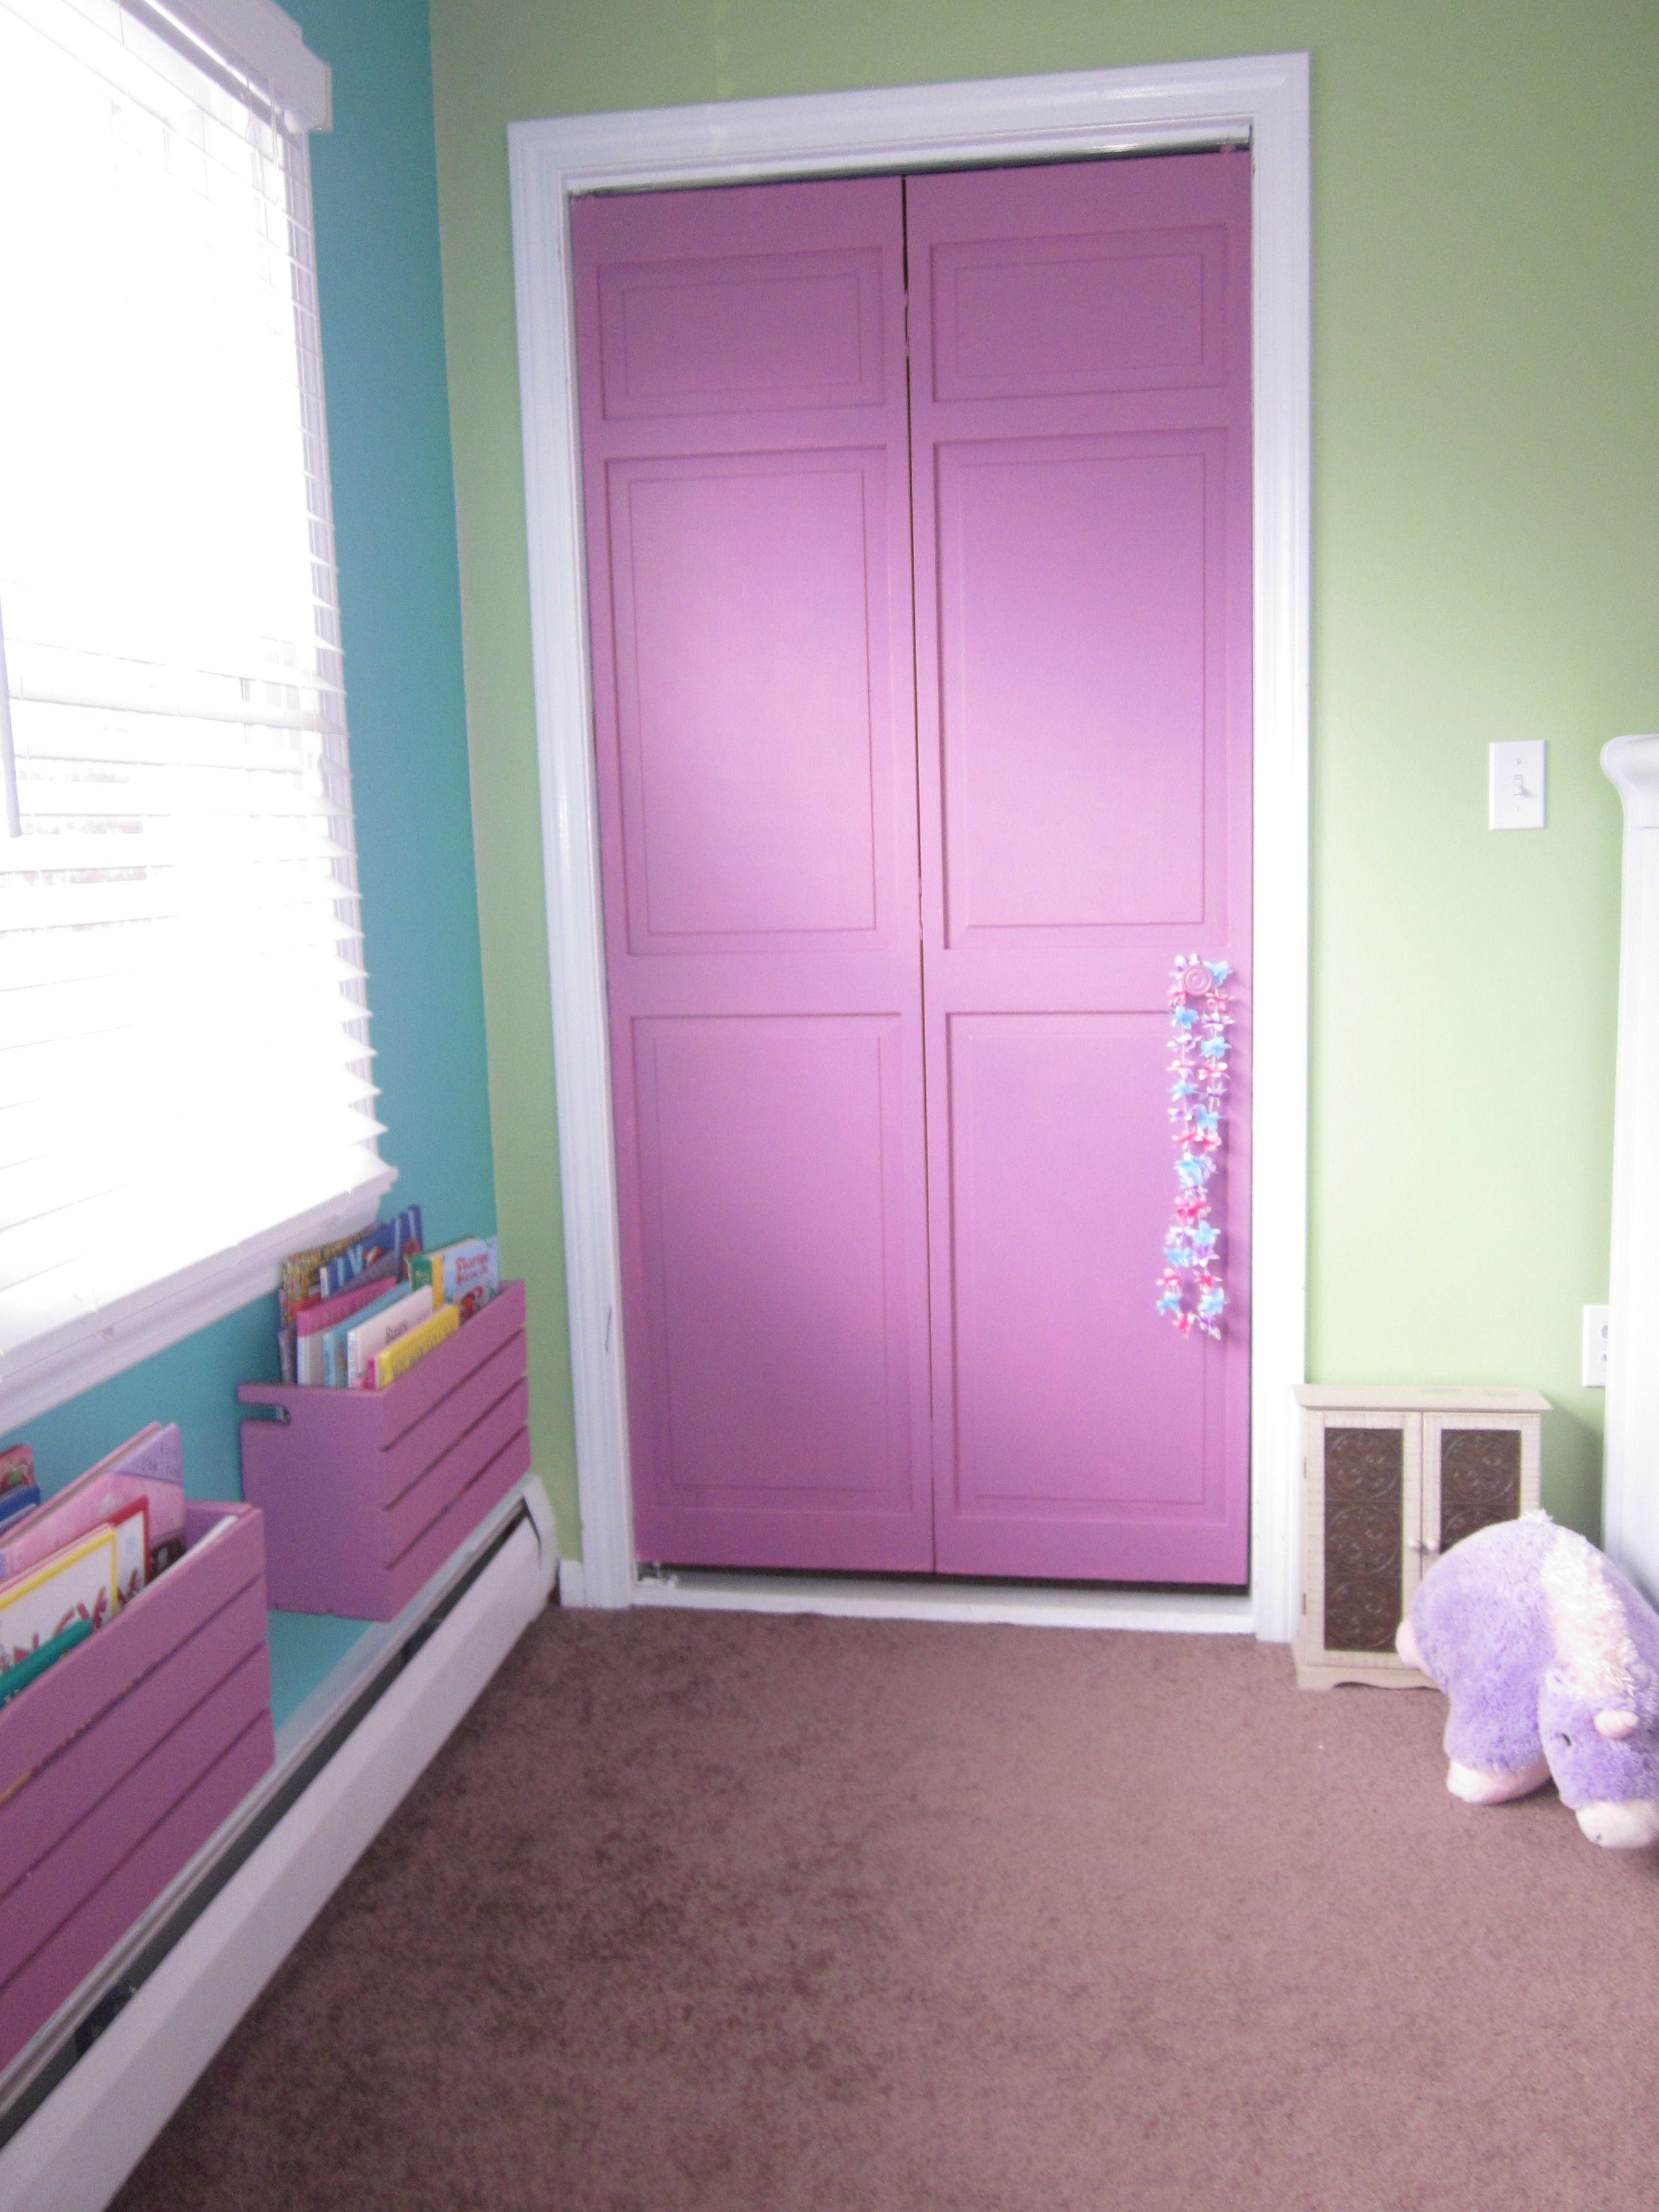 bedroom door painting ideas. Love The Half Crates To Store Books, And Painted Closet Door. Bedroom Door Painting Ideas Pinterest